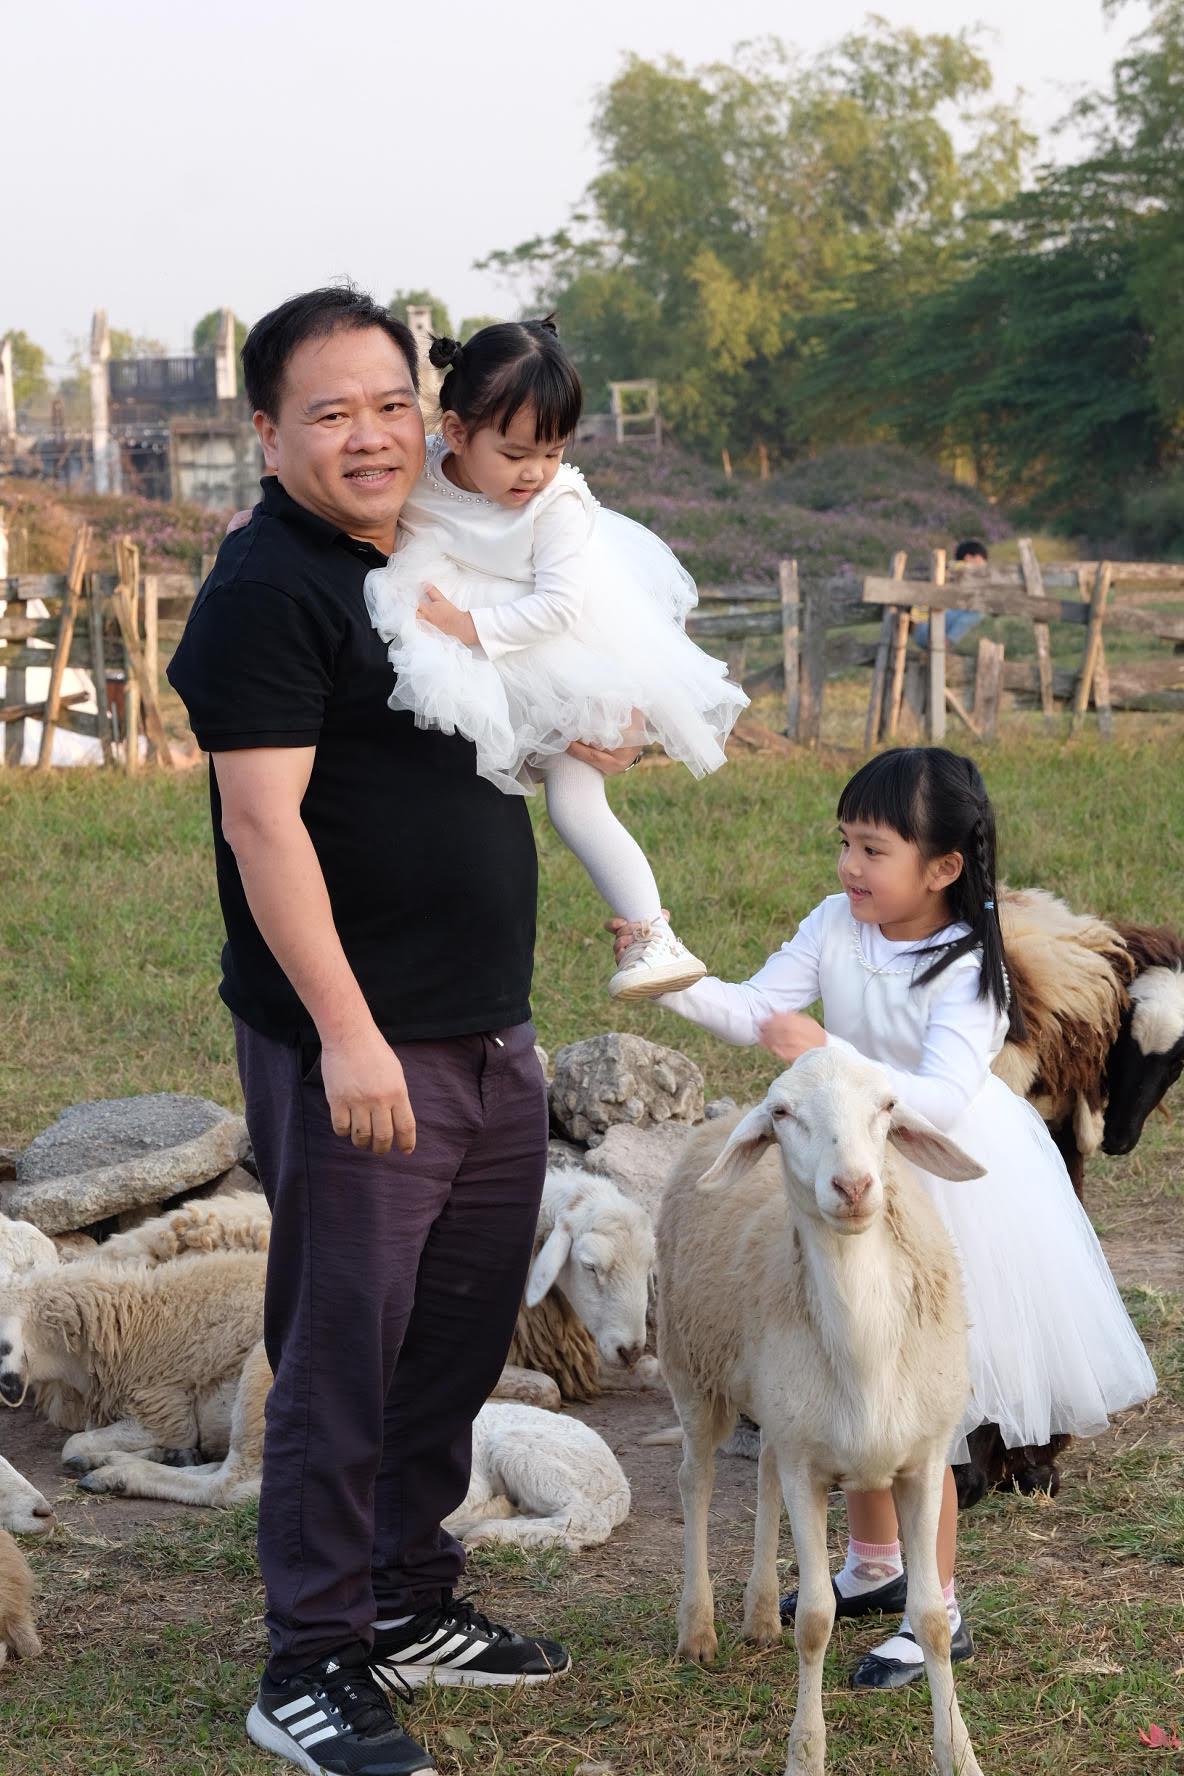 Cặp vợ chồng tấu hài bậc nhất làng TikTok Việt và bài học 'nhà phải có nóc' sau 8 năm cưới nhau 3